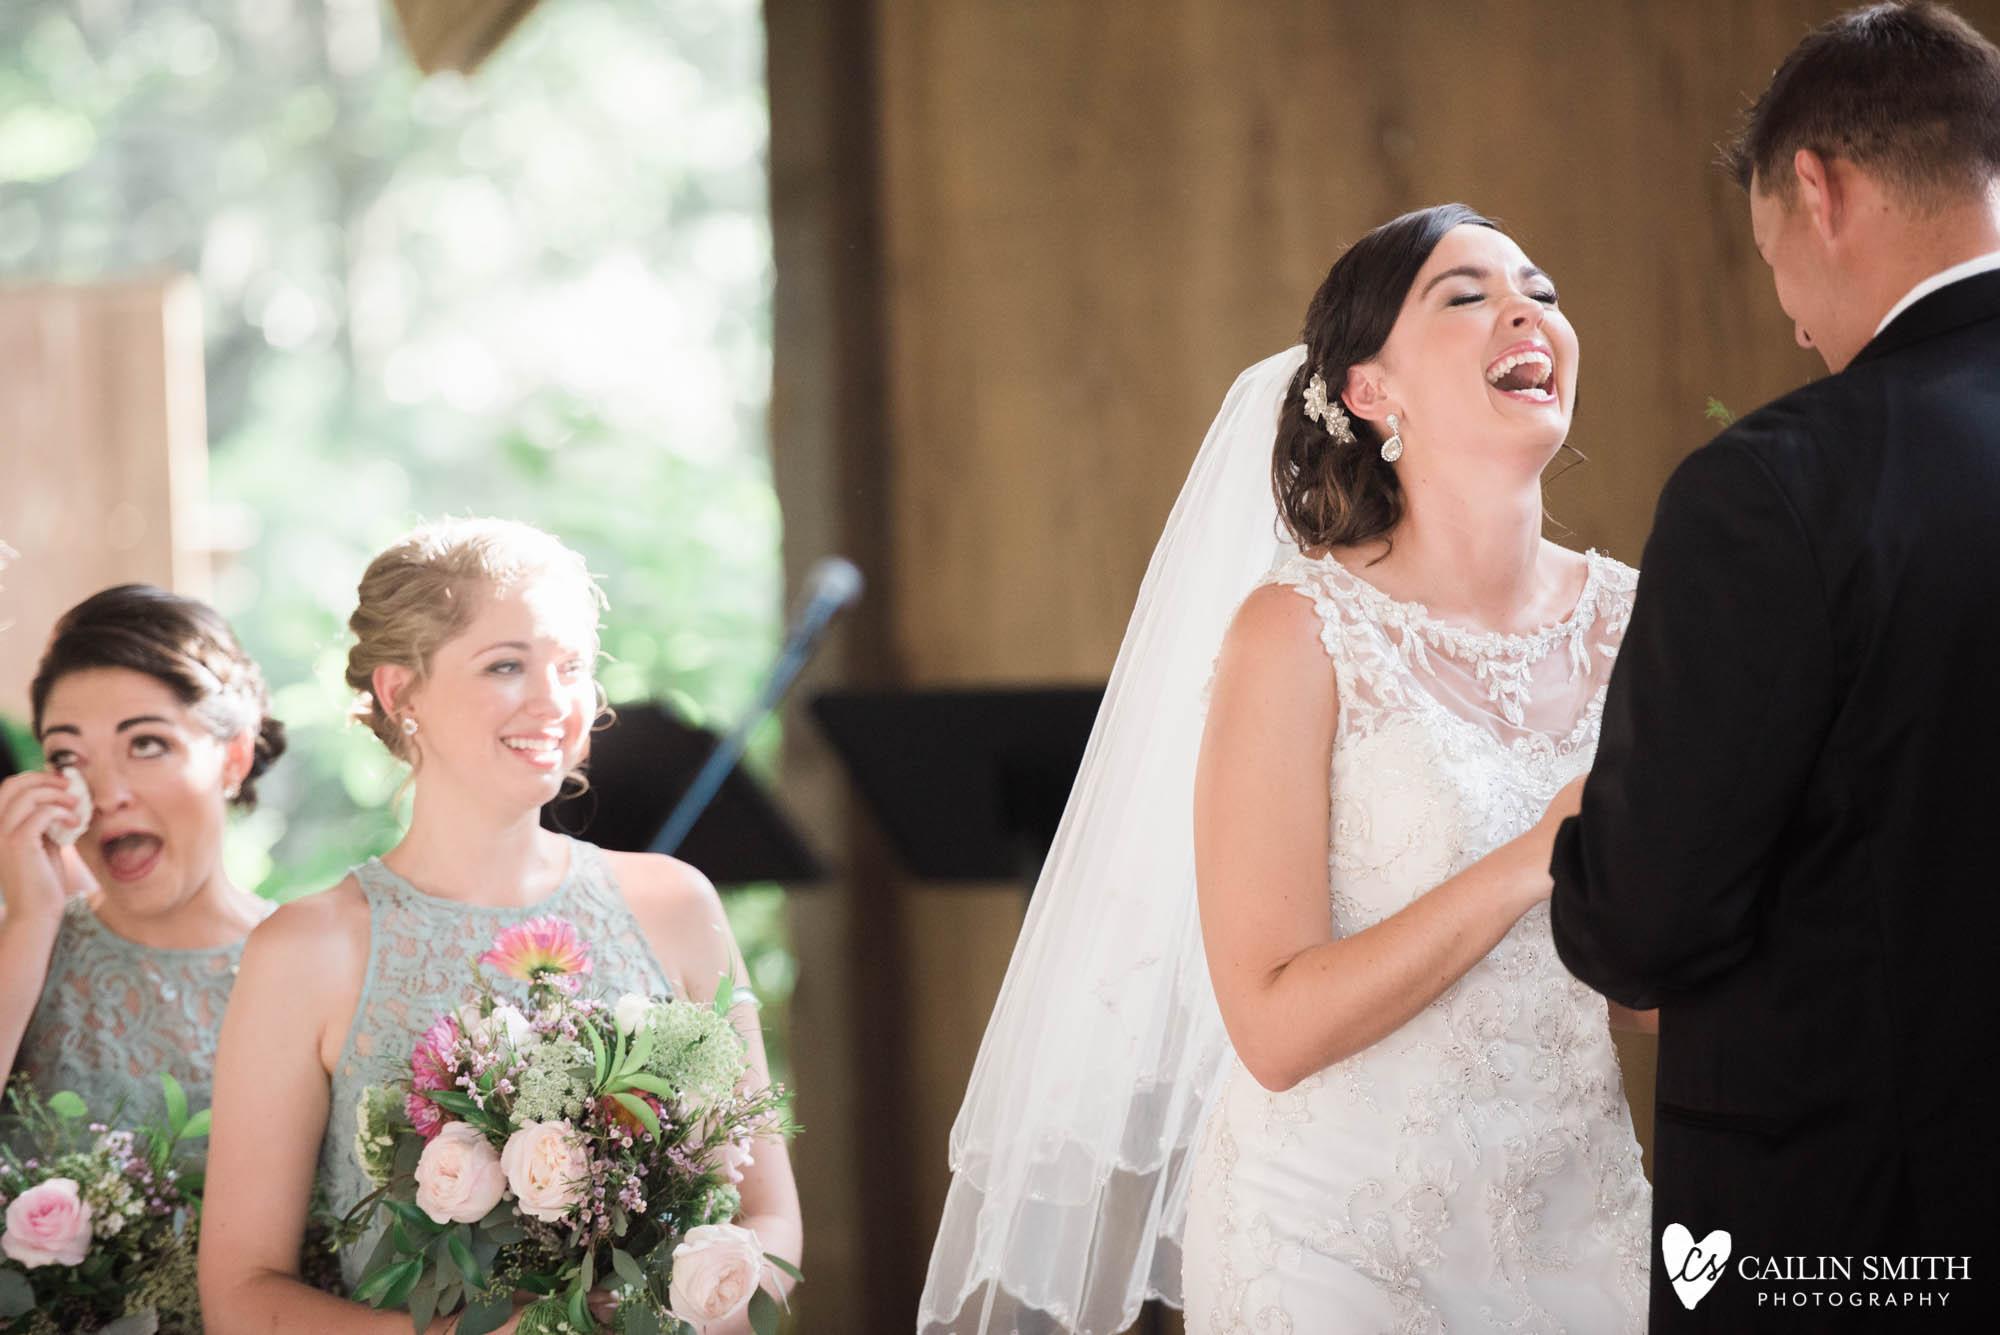 Bethany_Kyle_Bowing_Oaks_Plantation_Wedding_Photography_0069.jpg